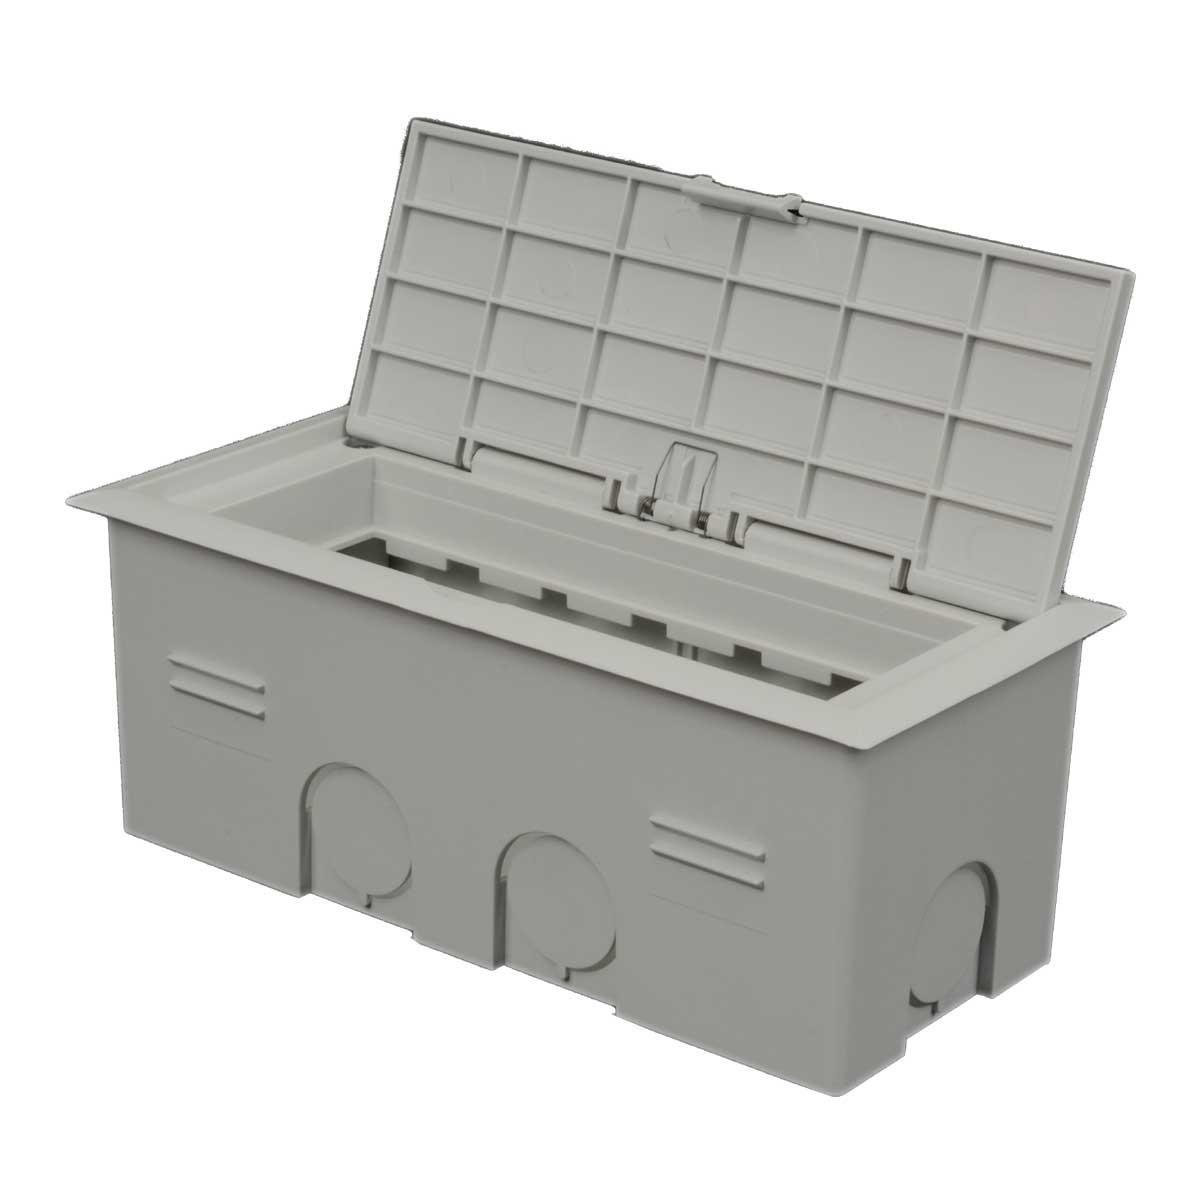 Коробка для приладів в штукатурку (білого кольору)KOPOBOX MINI